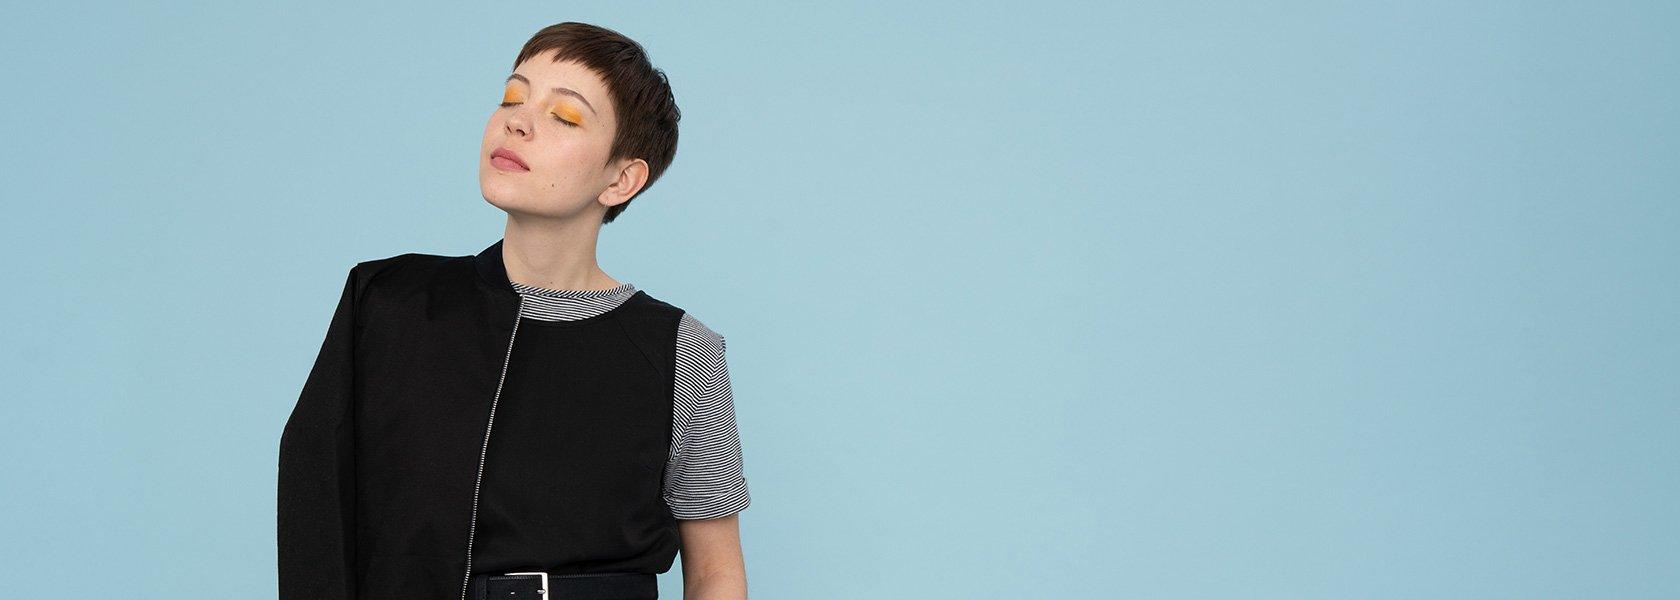 Frau mit schwarzem Top und gelbem Lidschatten steht vor blauer Wand